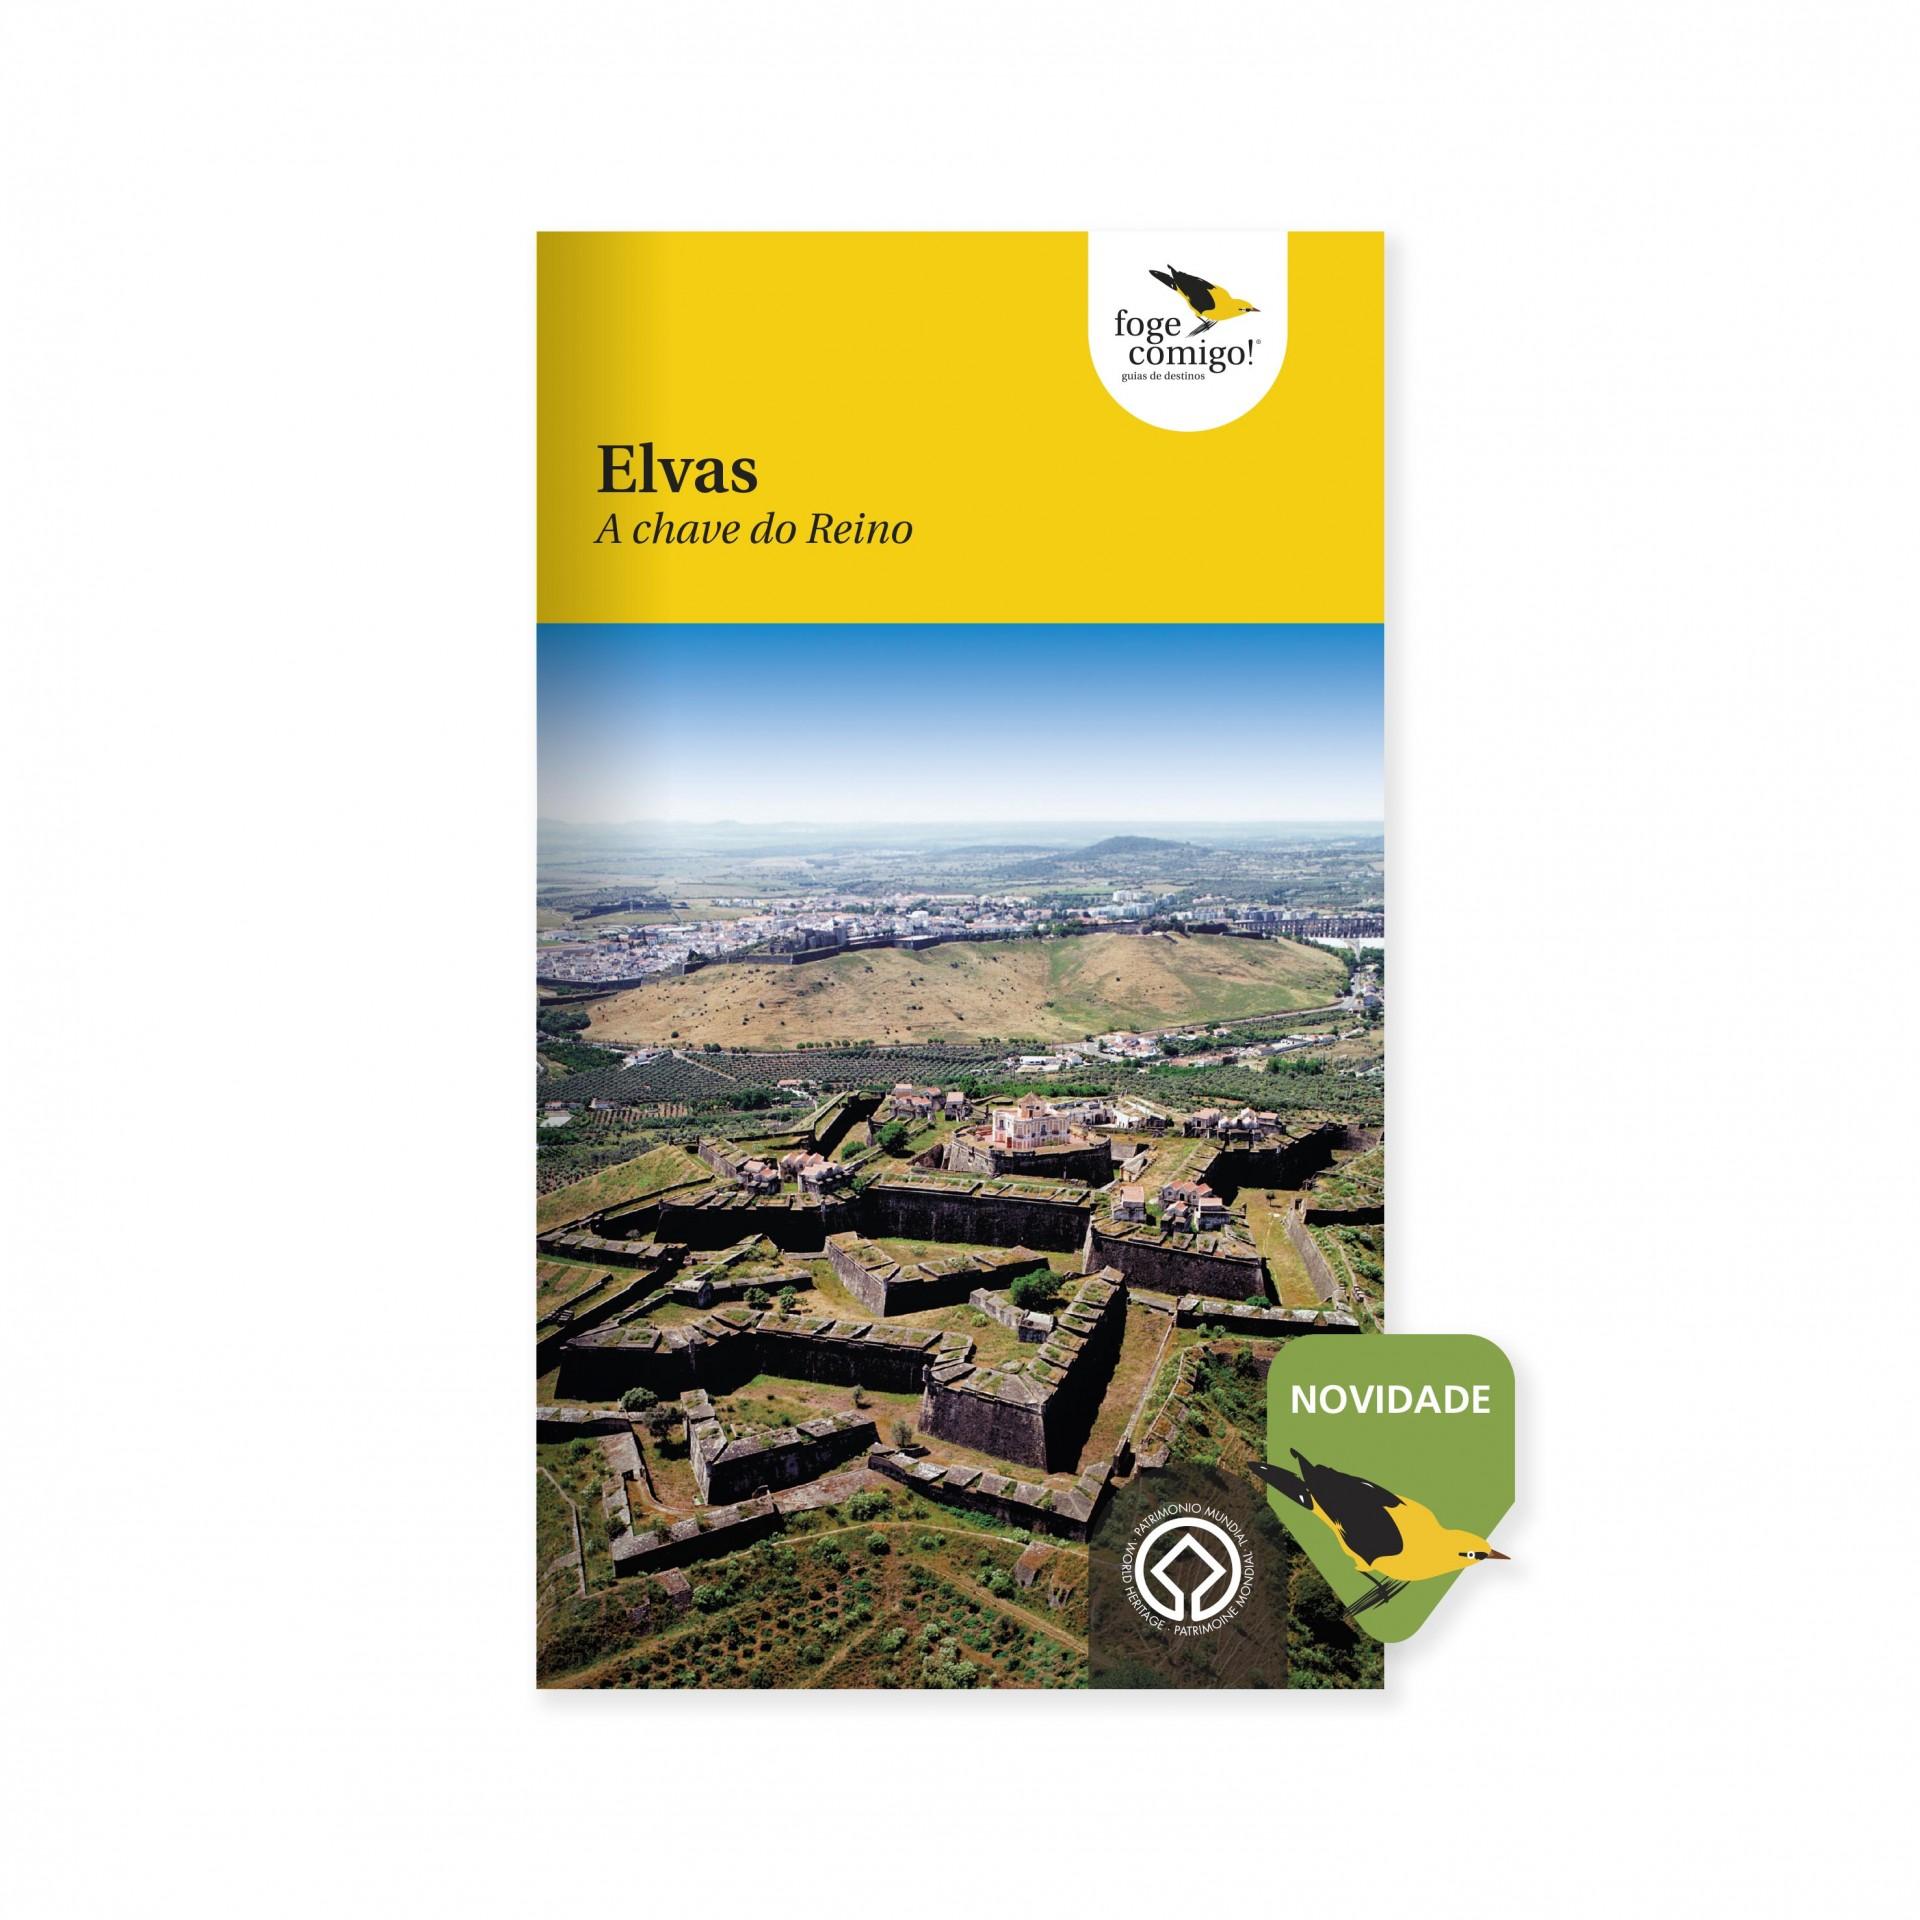 Elvas - A chave do Reino